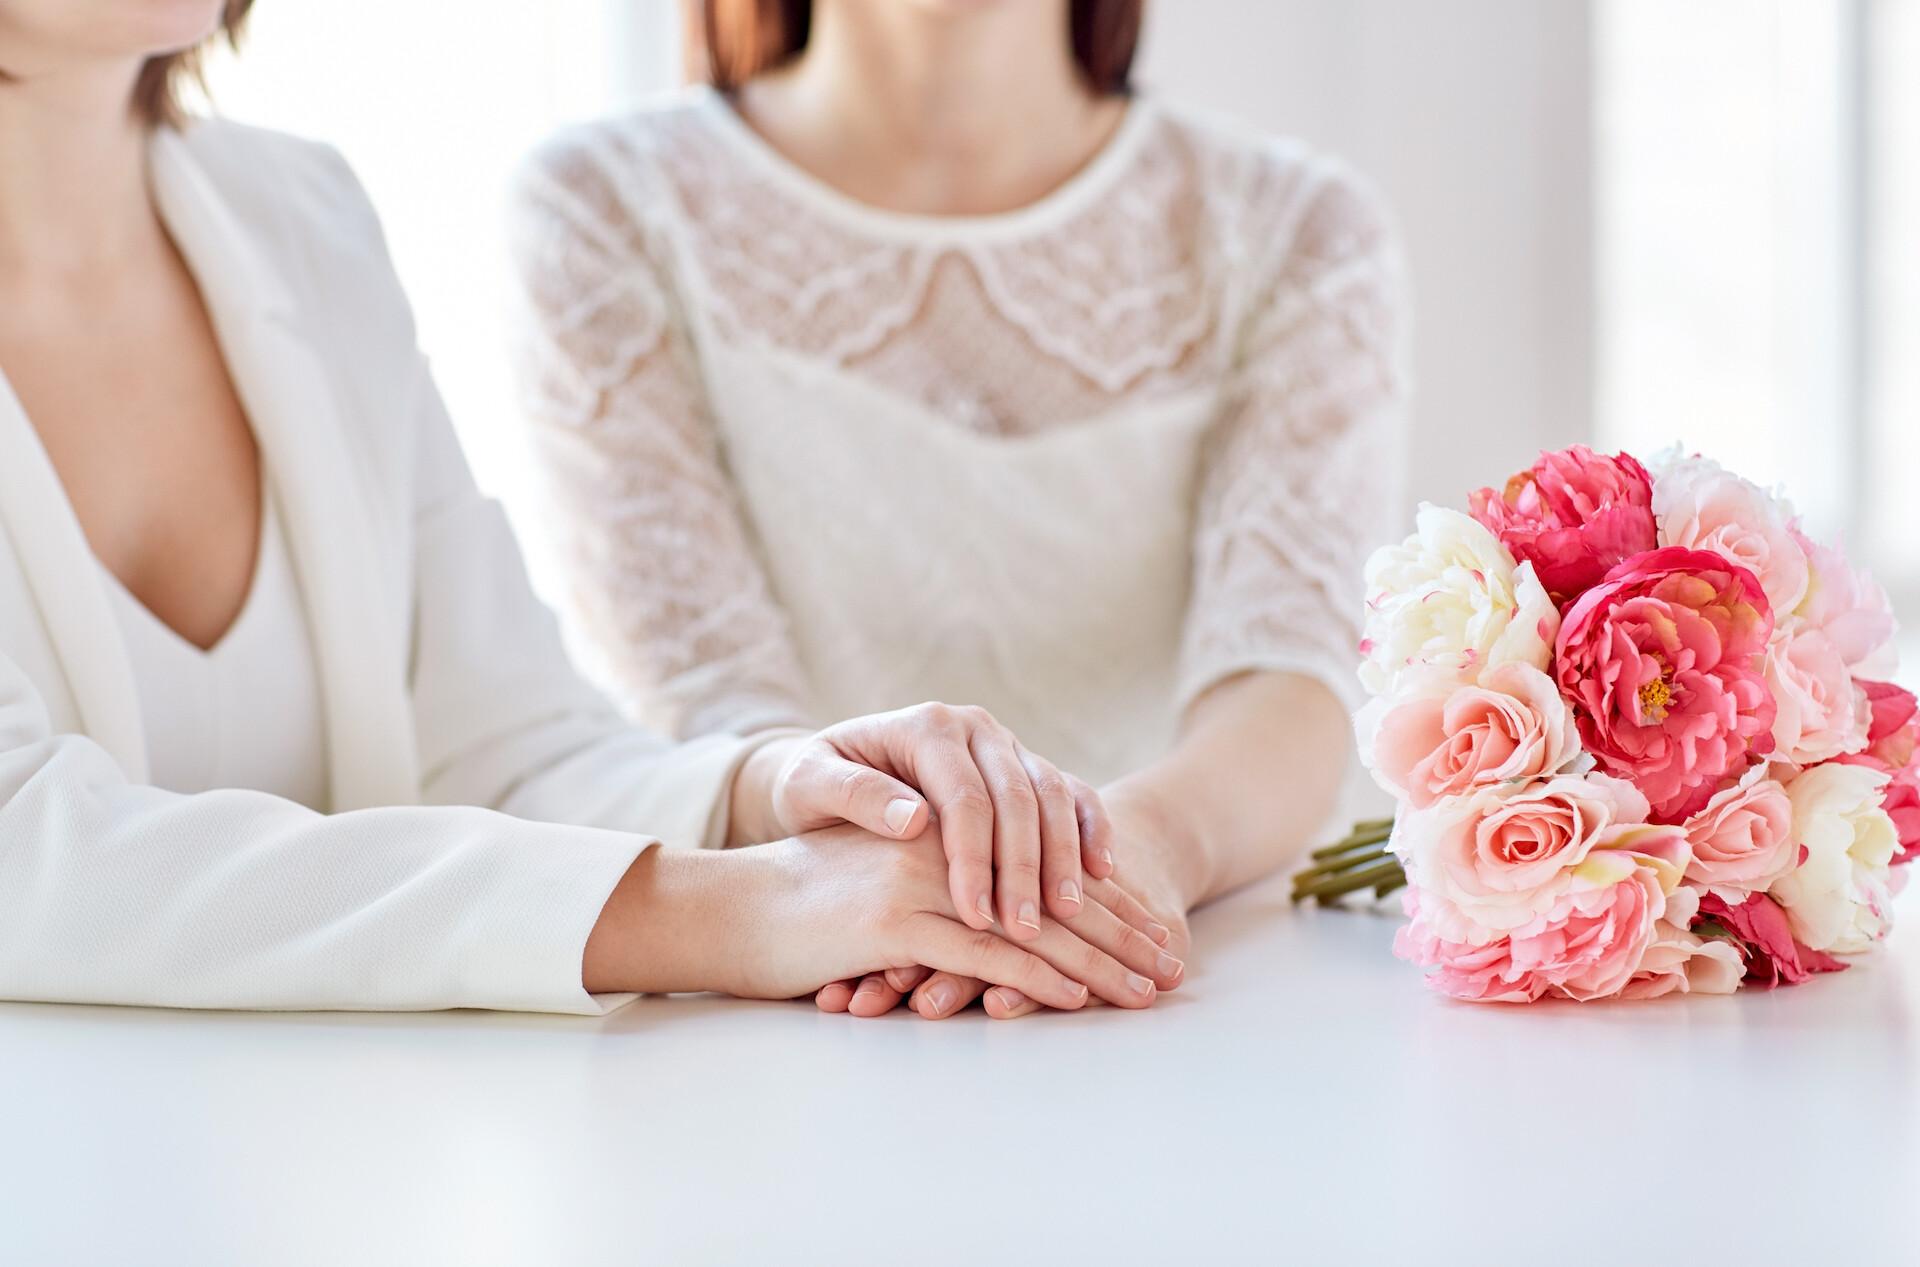 Als gleichgeschlechtliches Paar in Deutschland heiraten